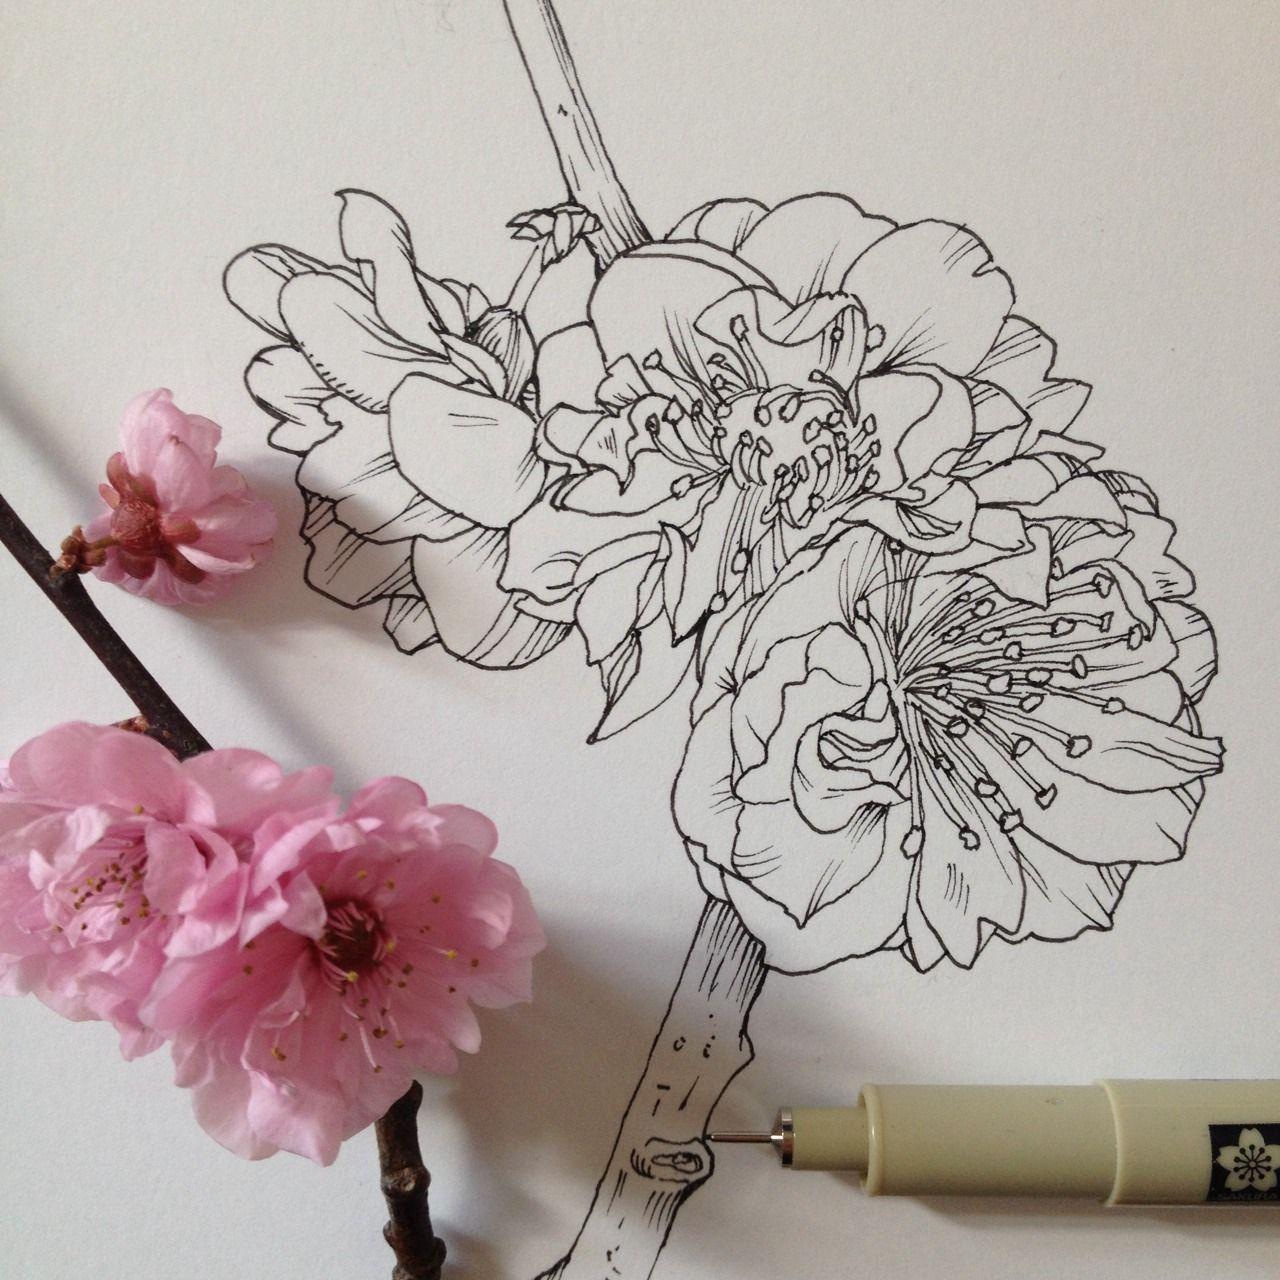 gaksdesigns  Artist Noel Badges Pugh Tumblr  Instagram   kk